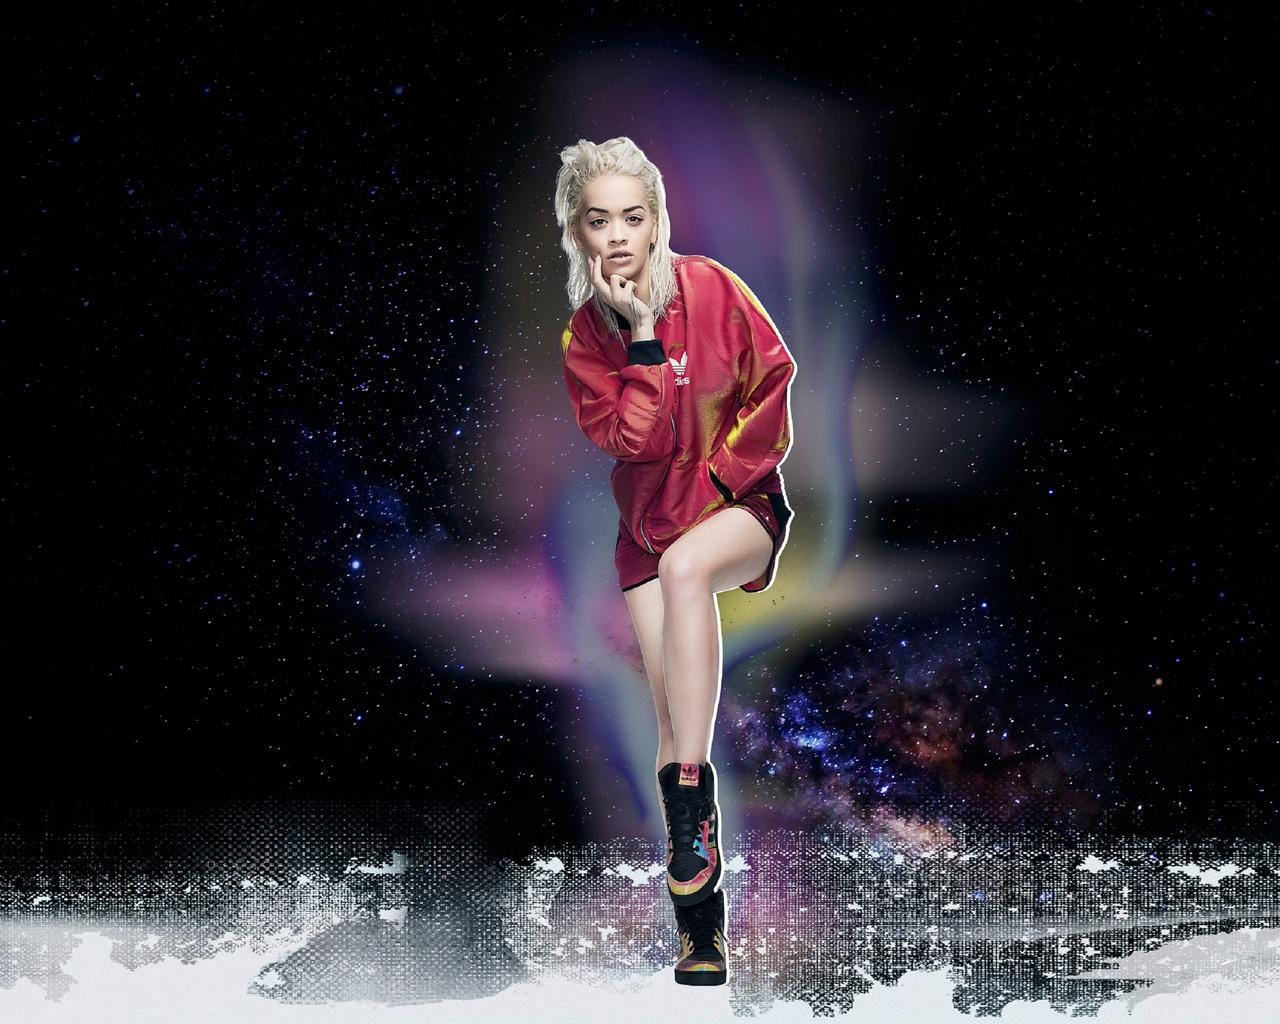 photoshoot, rita ora, makeup, sneakers, singer, blonde, clothing, background, brand, pose, model, originals, hairstyle, adidas